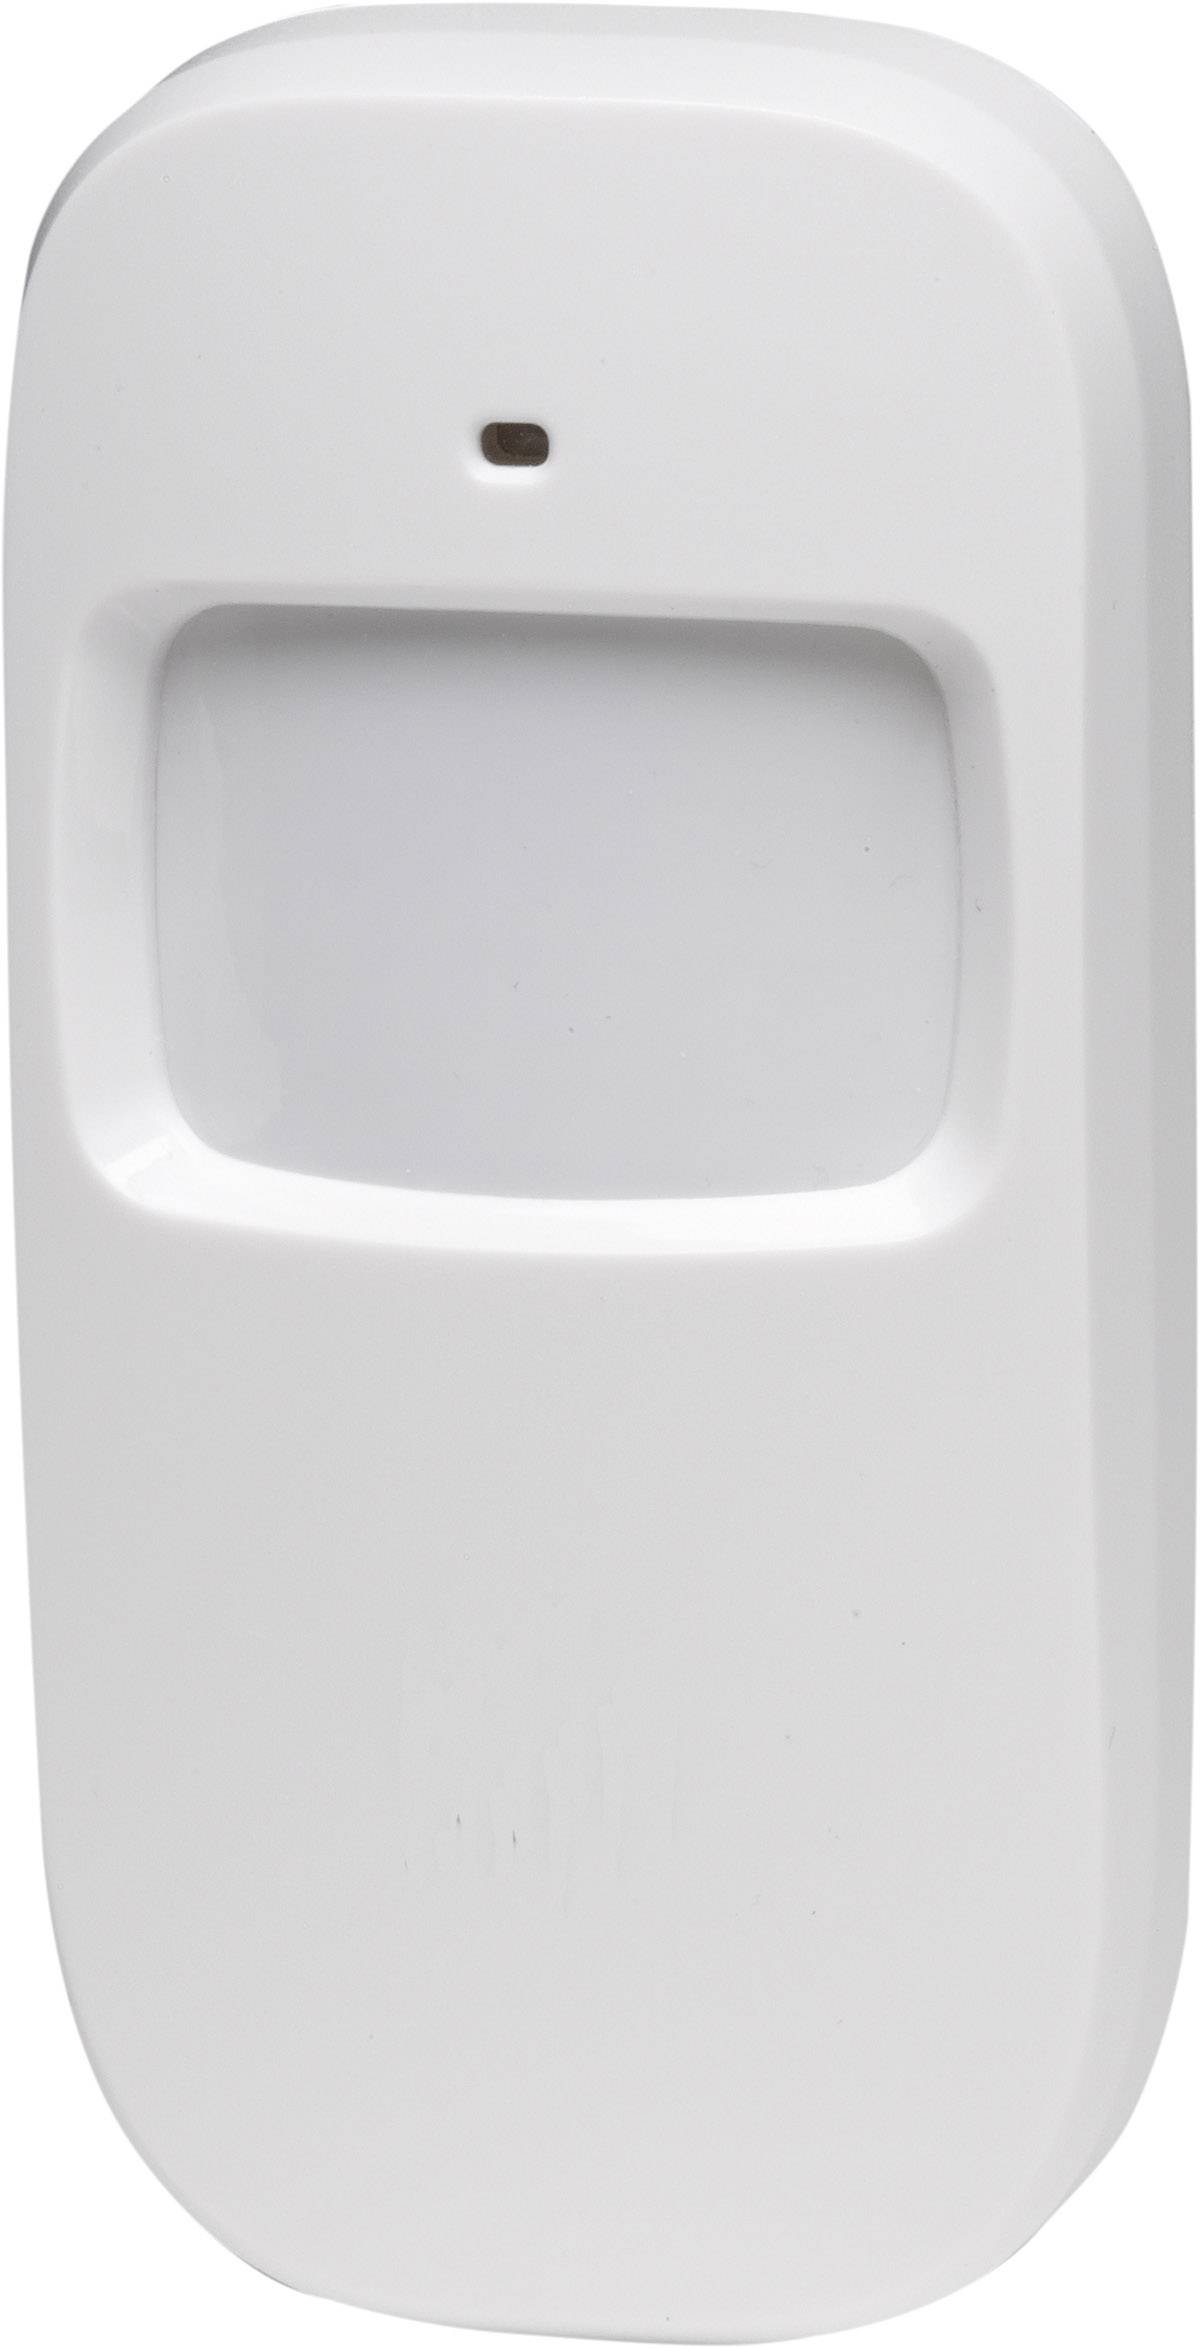 Bezdrátový PIR senzor Denver ASA-50